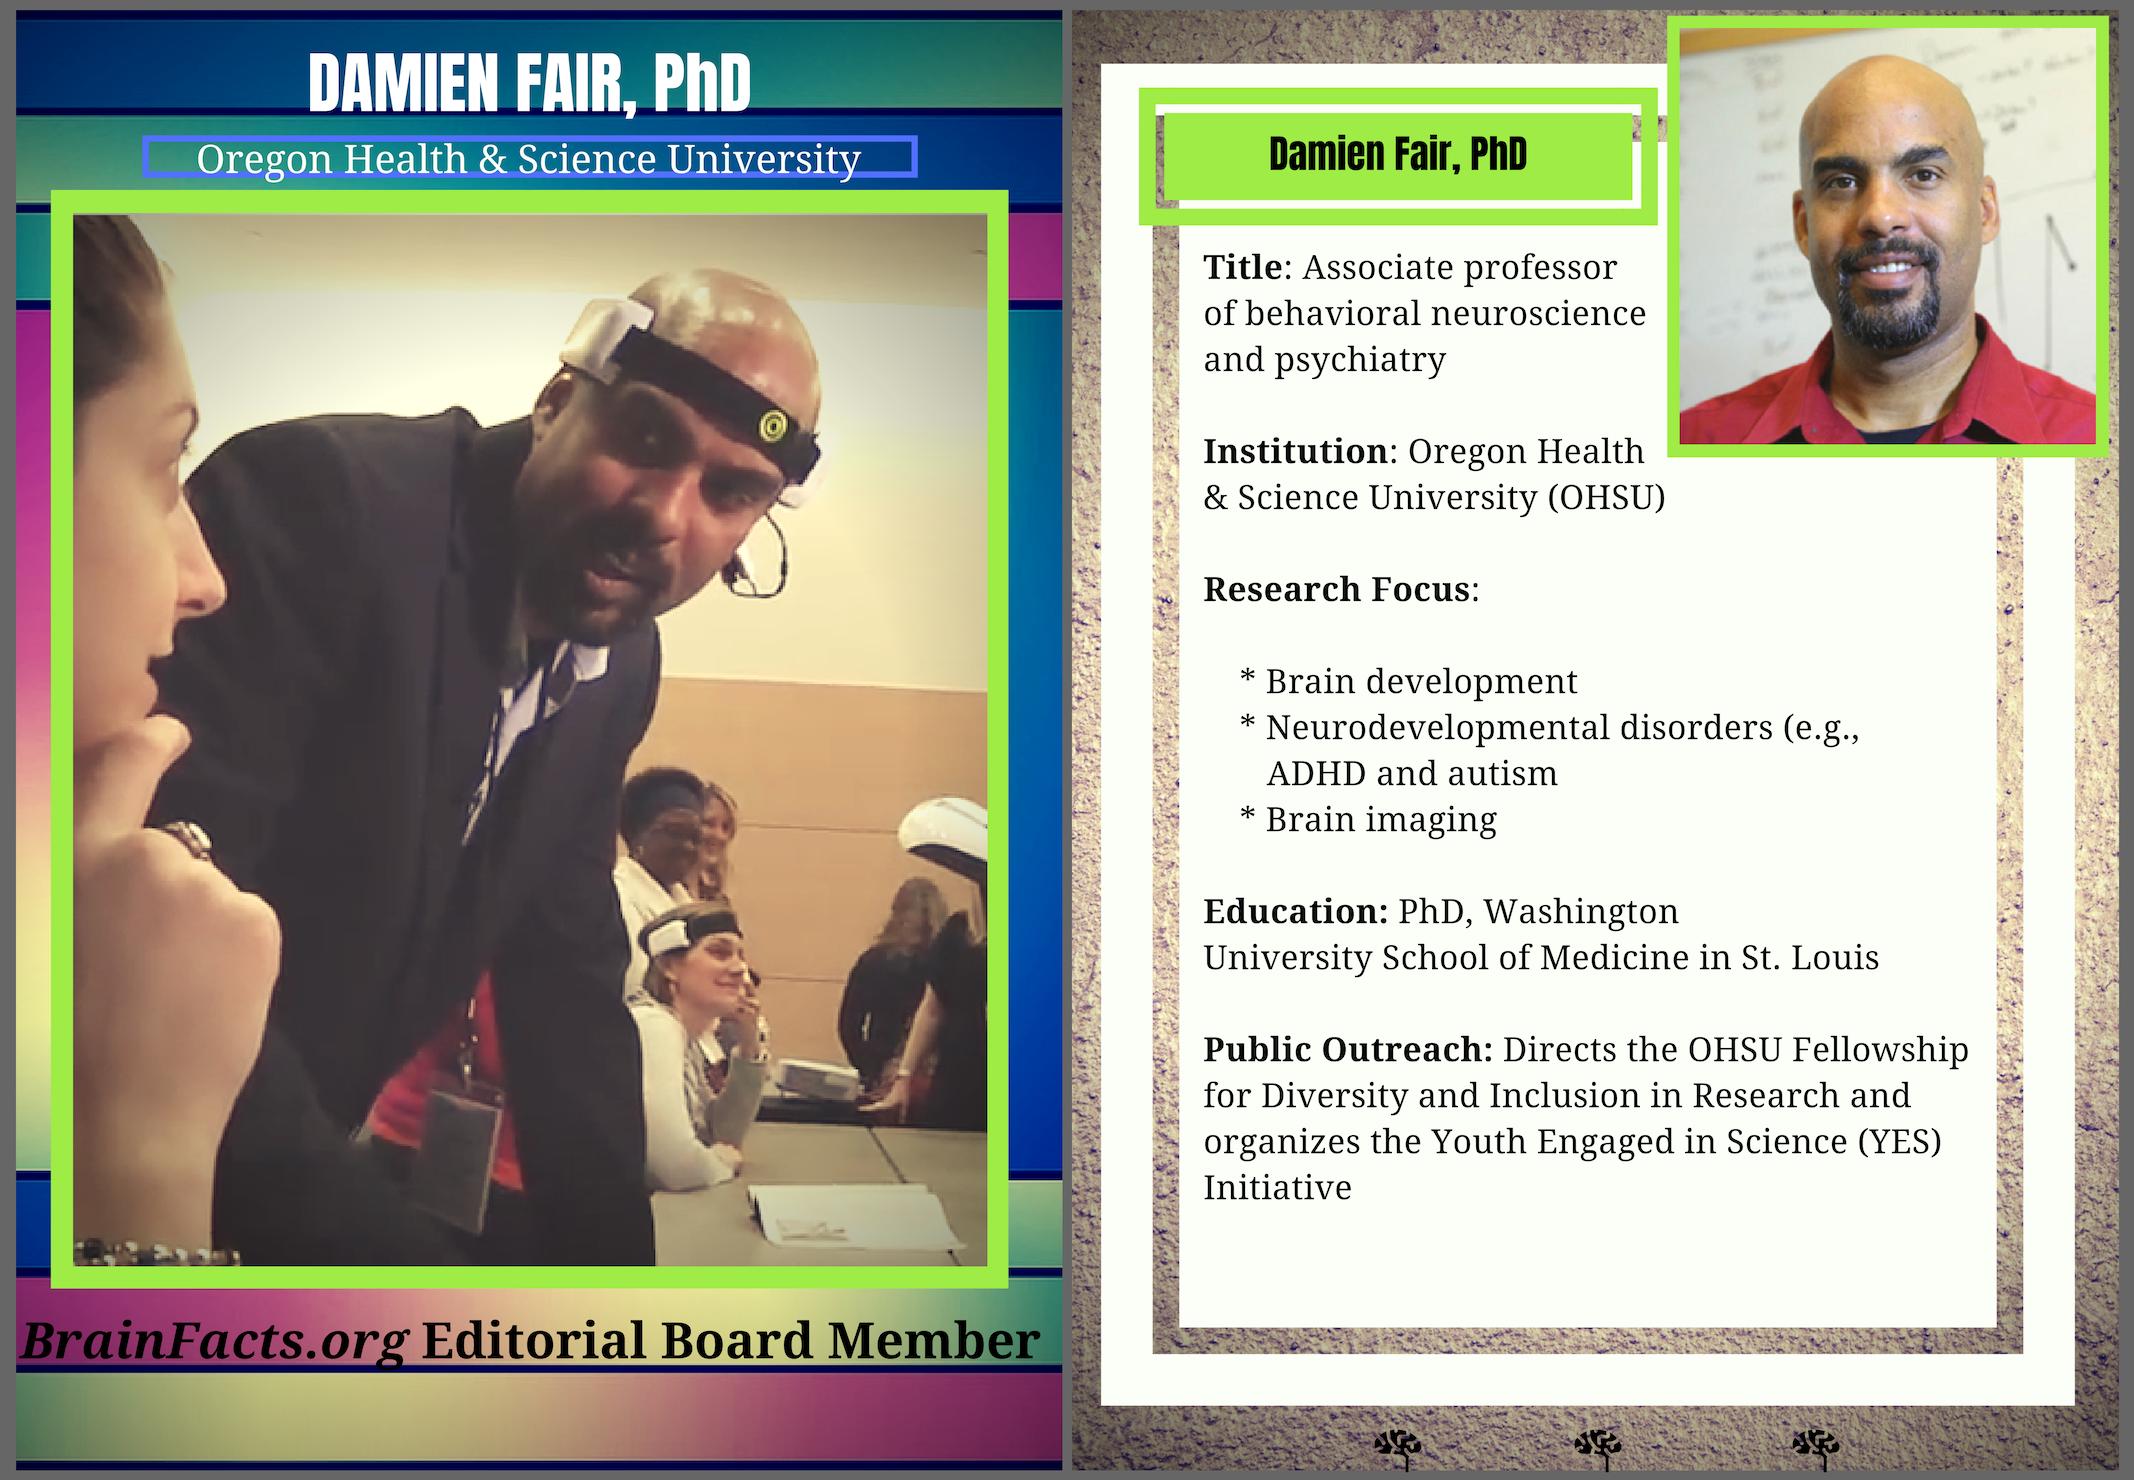 Image of Damien Fair, PhD next to text describing his work